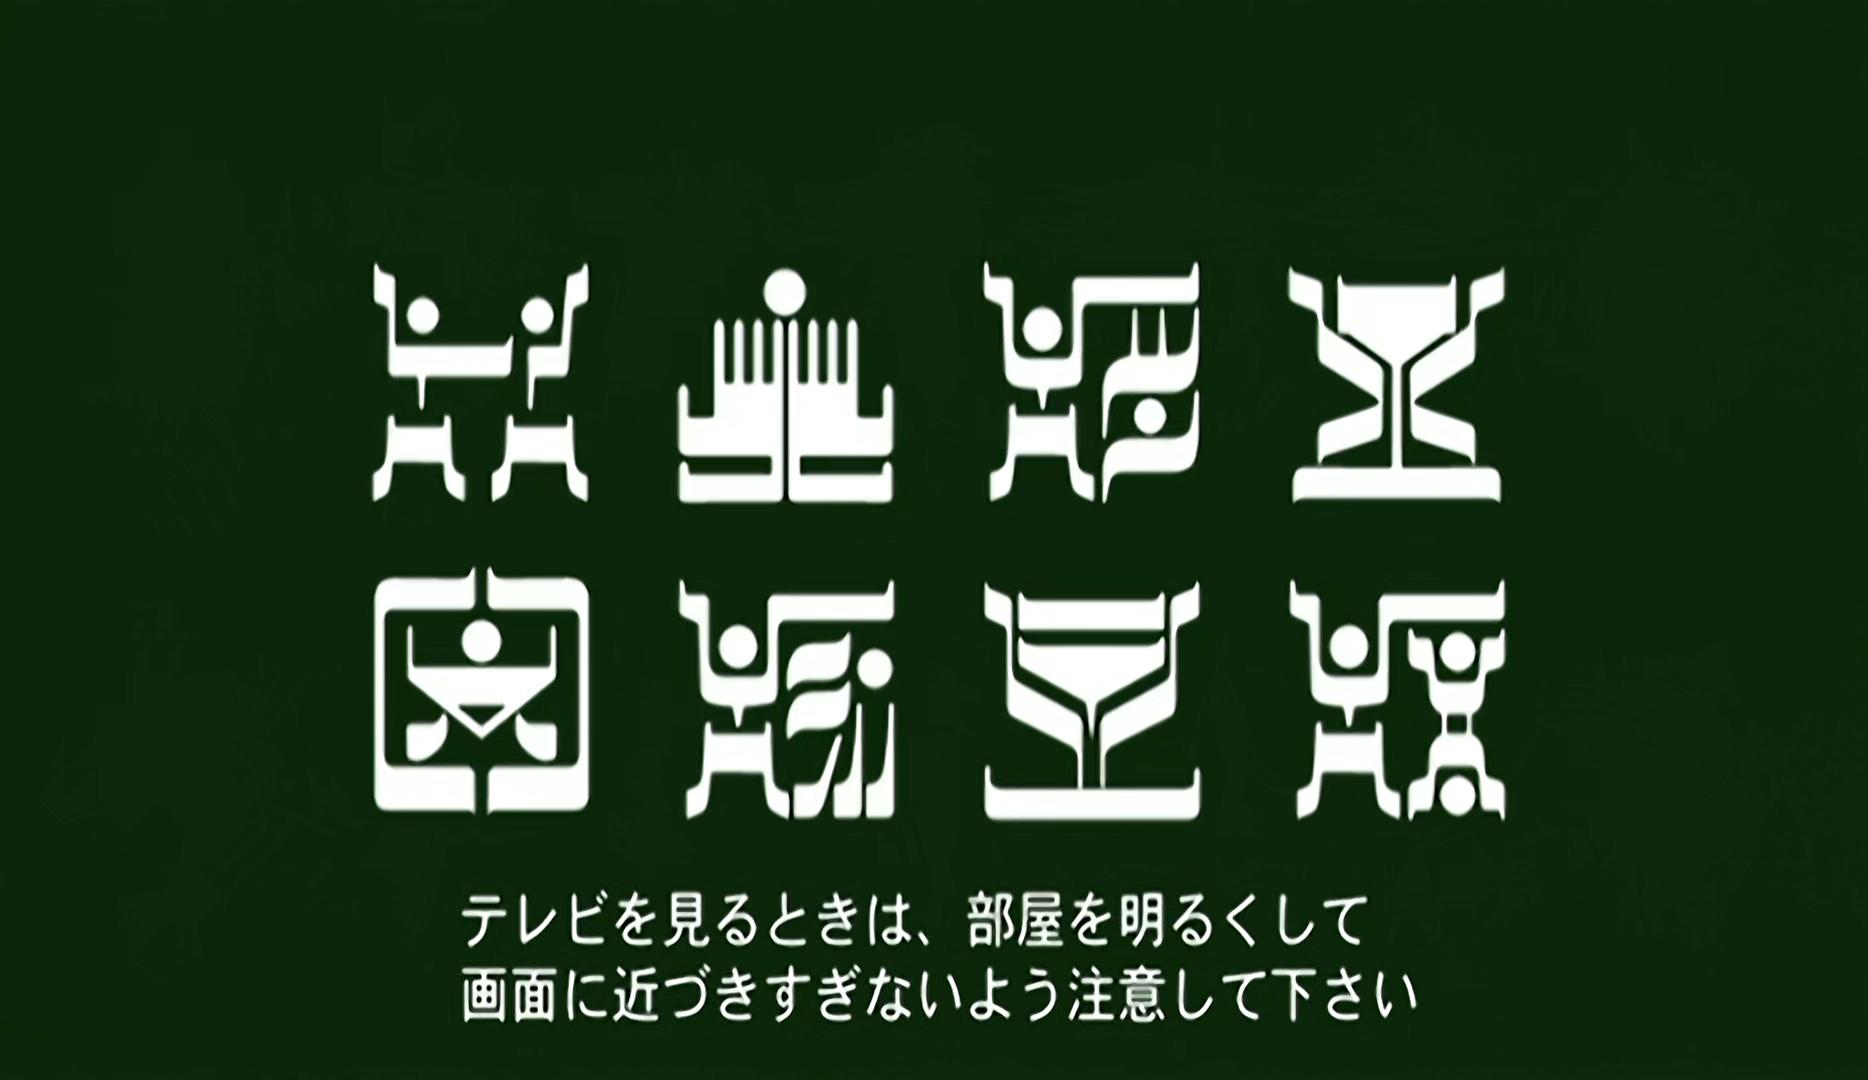 Linto Hieroglyphics